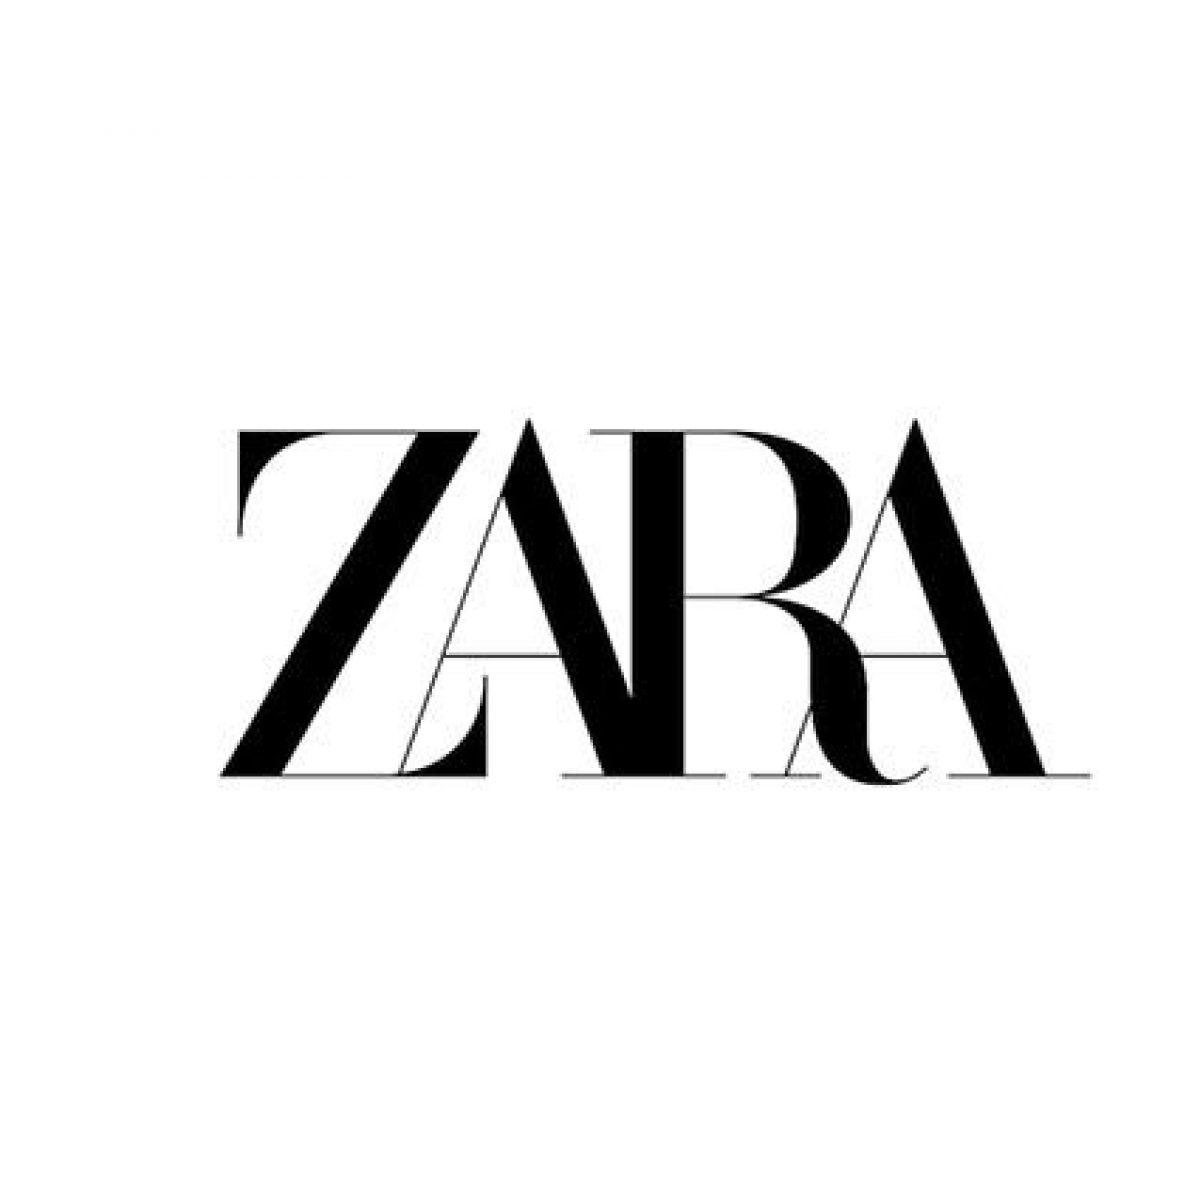 Zara cambia logo: ecco la nuova immagine del colosso del low